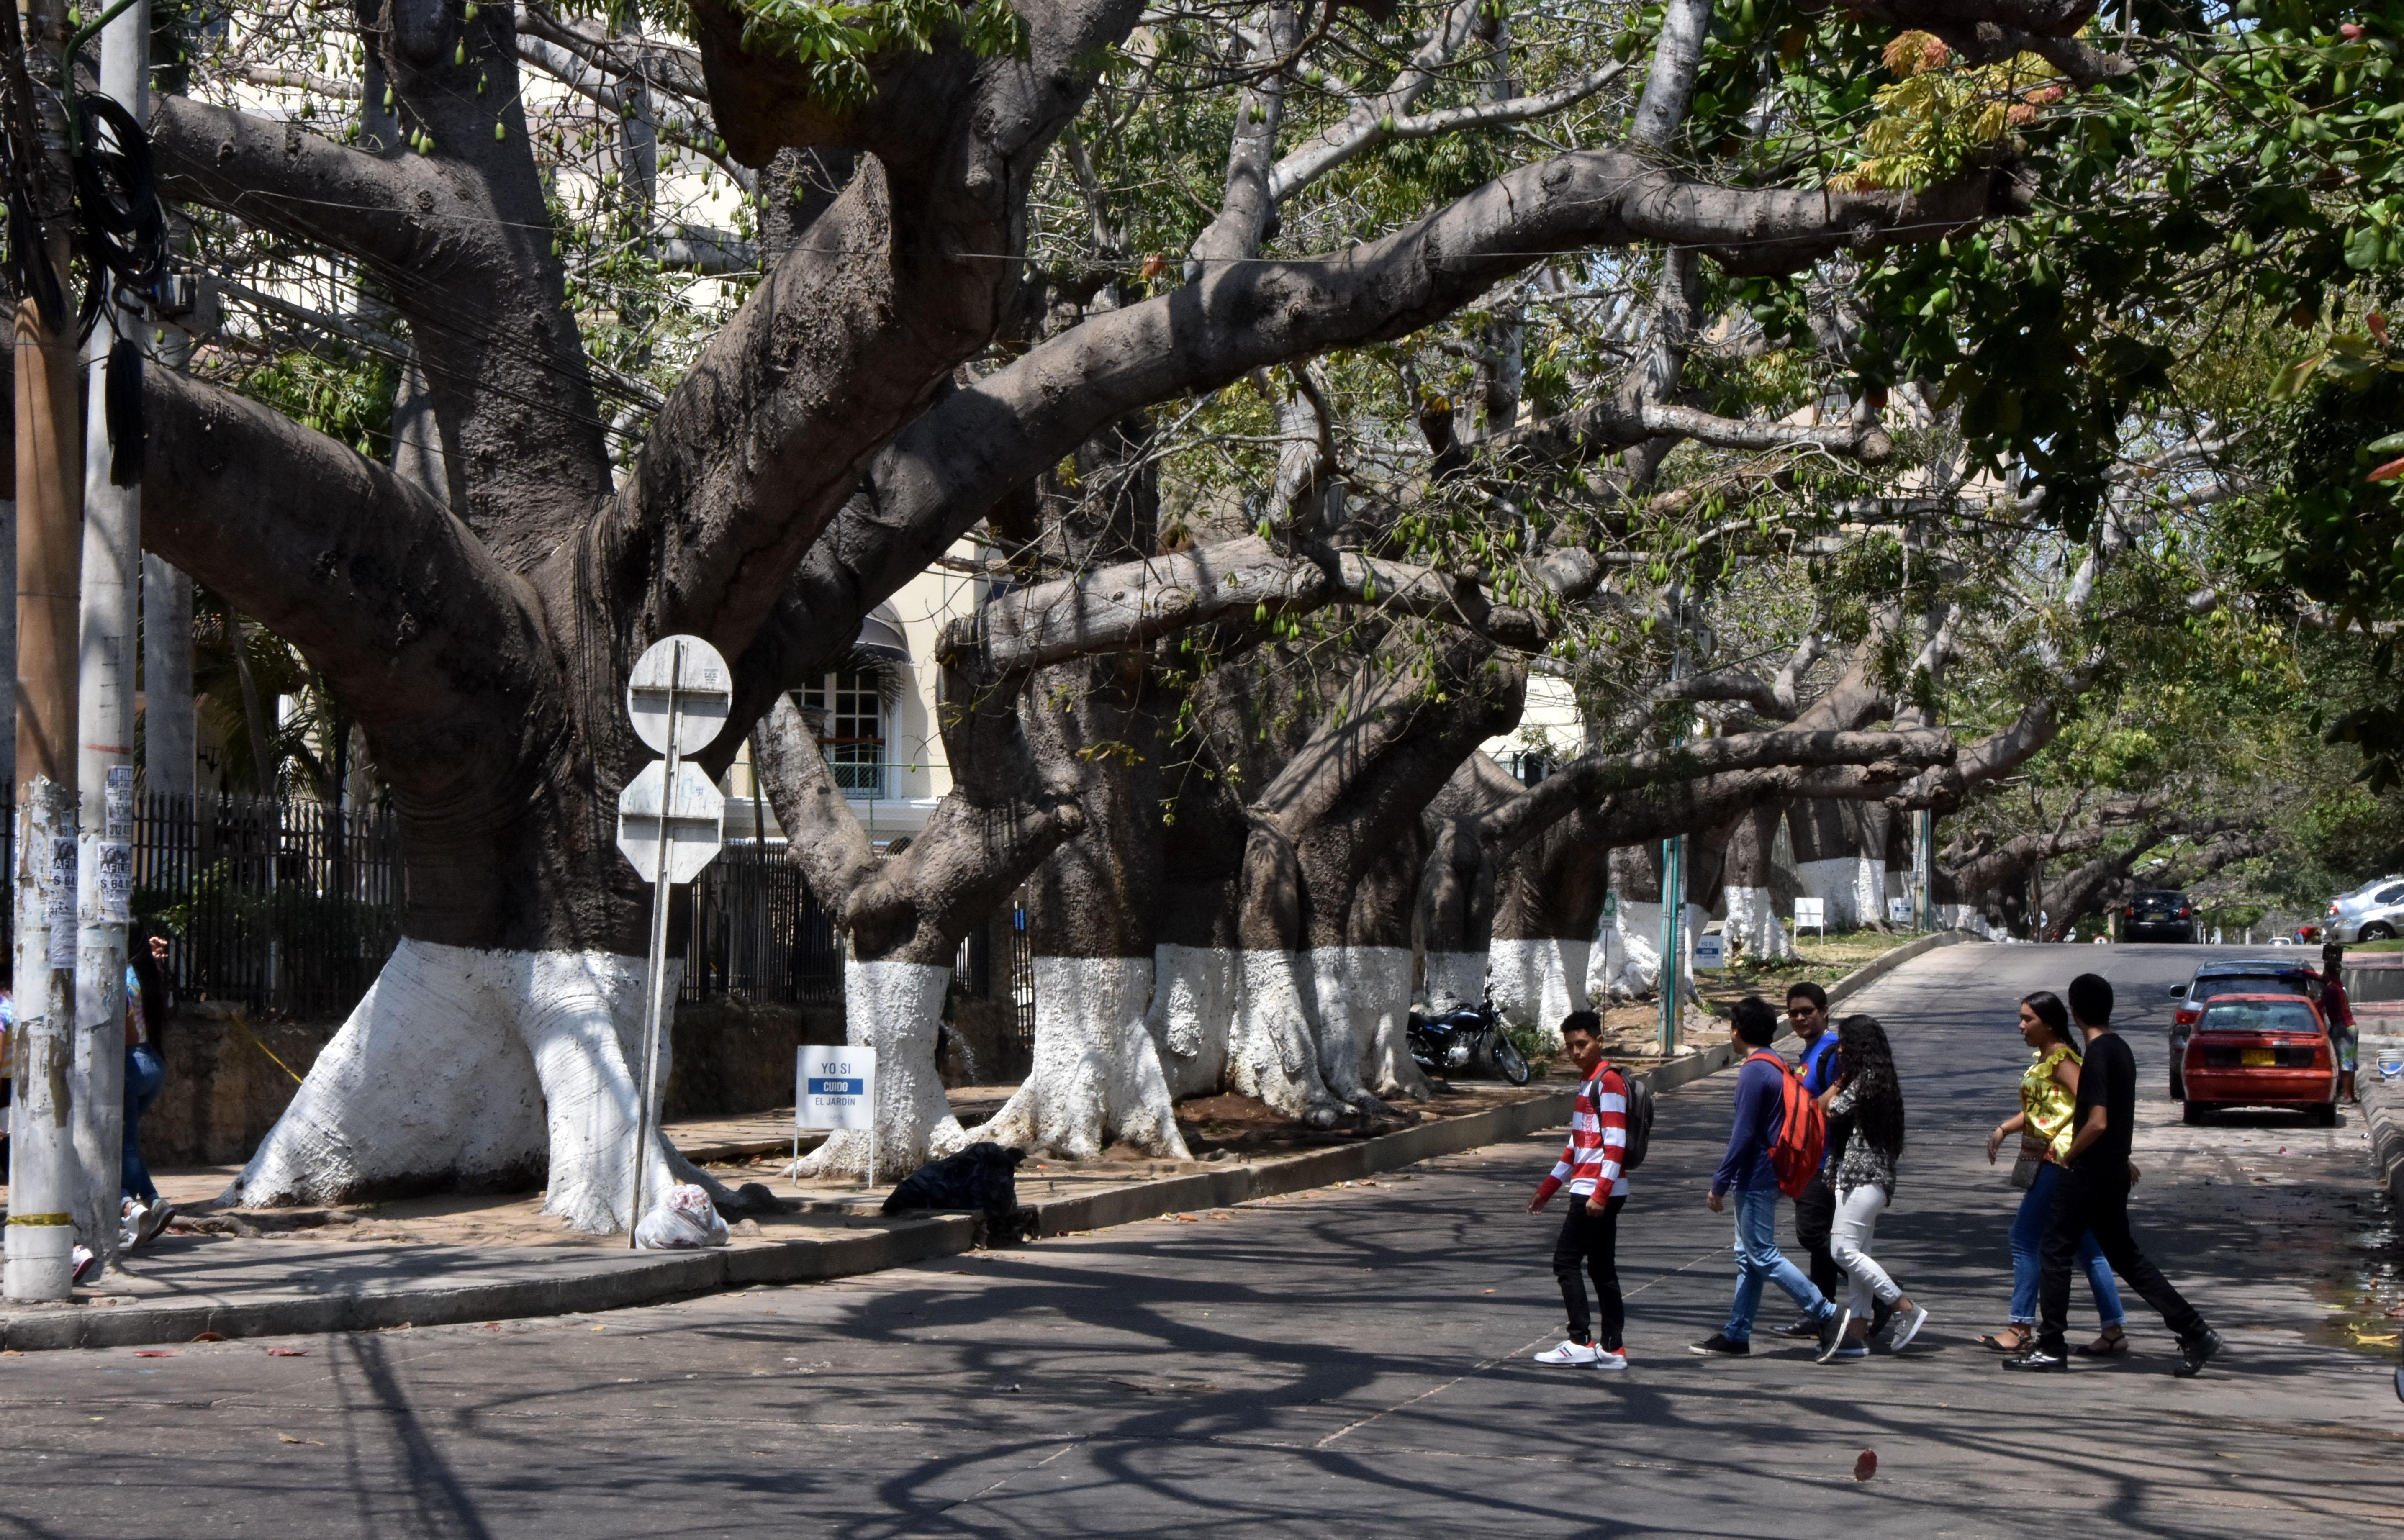 Los árboles de bongas al lado del Hotel El Prado.